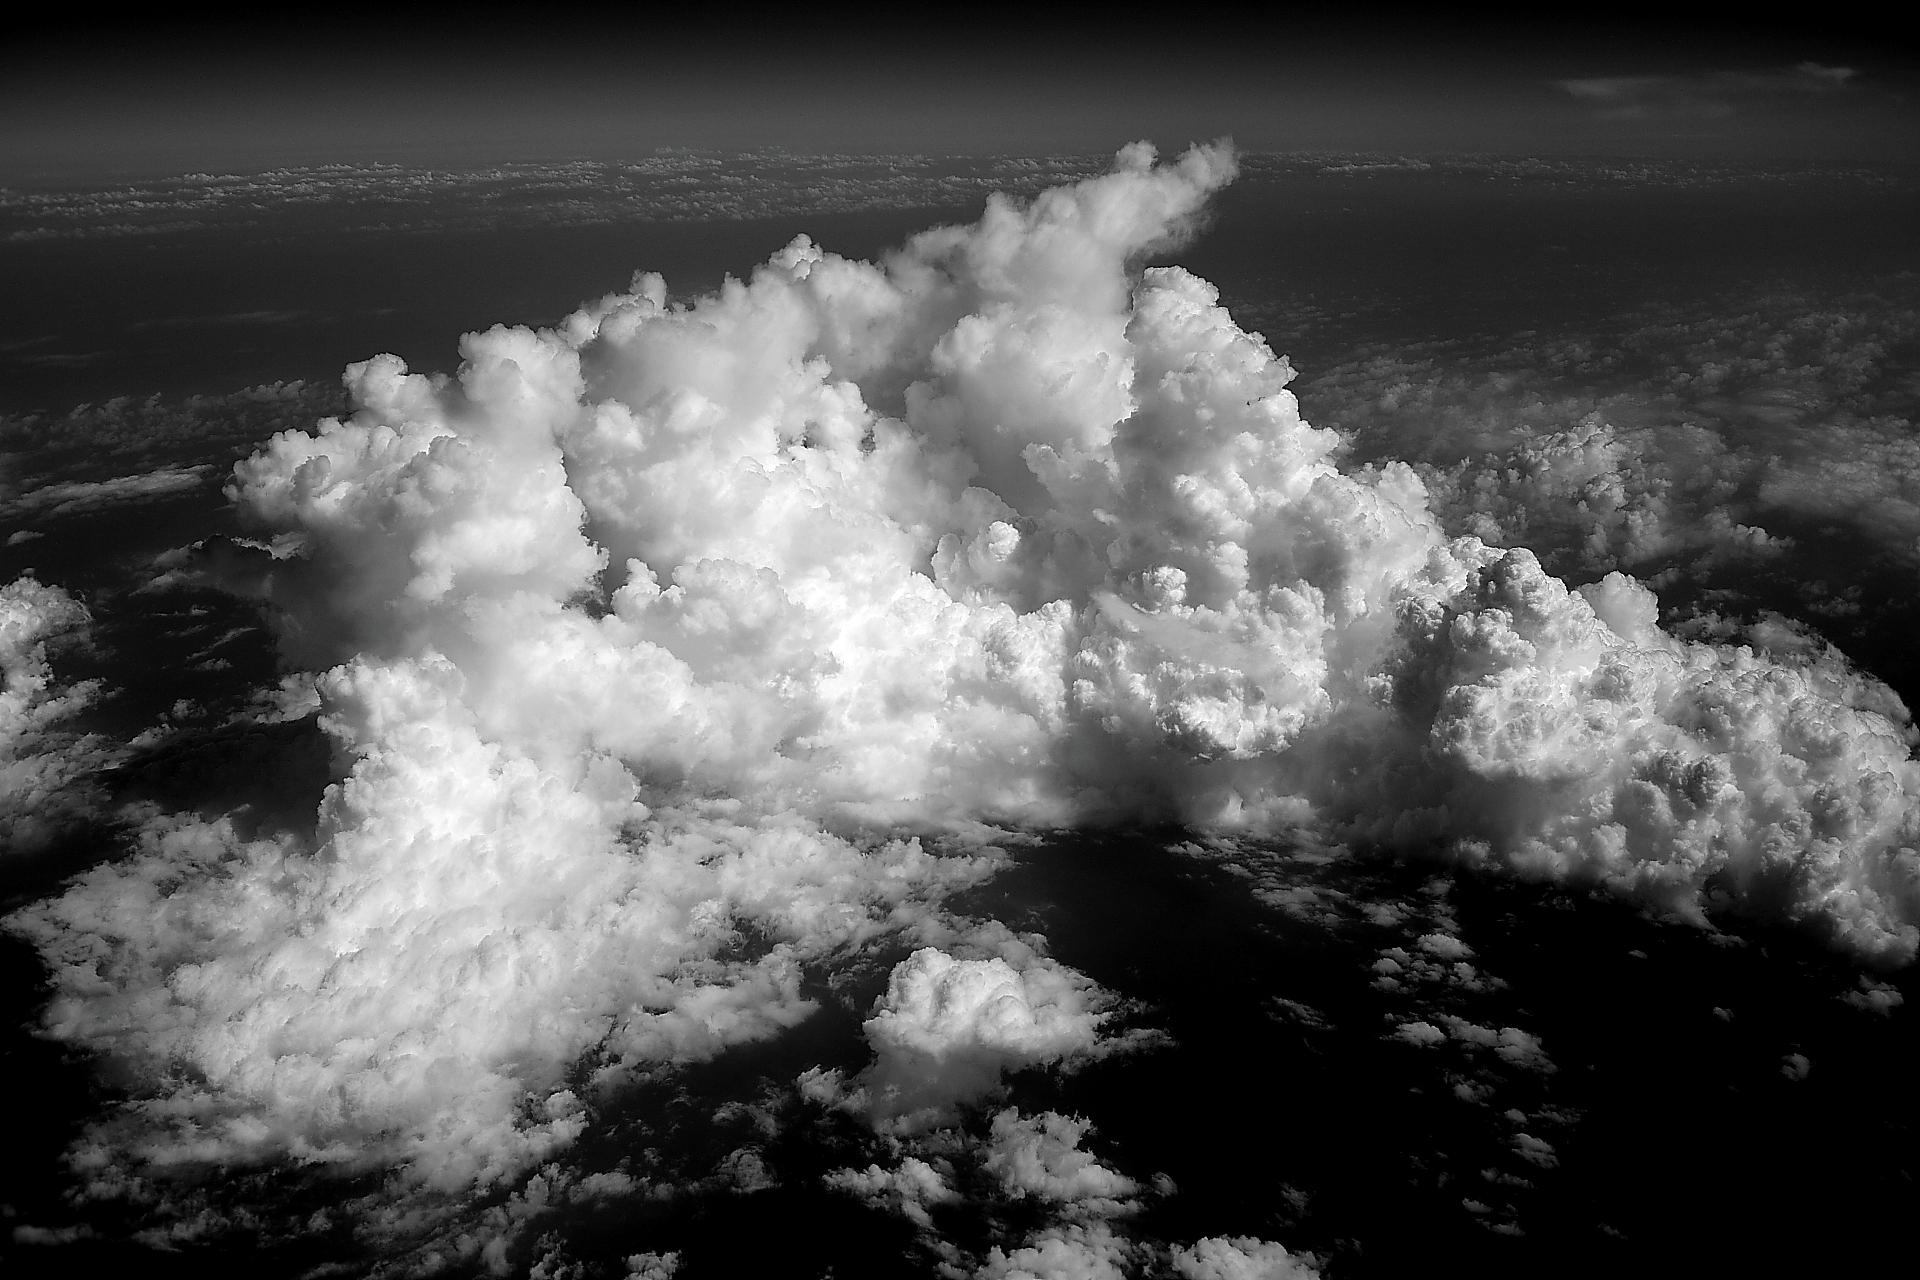 атмосферные черно белые фото выбирая